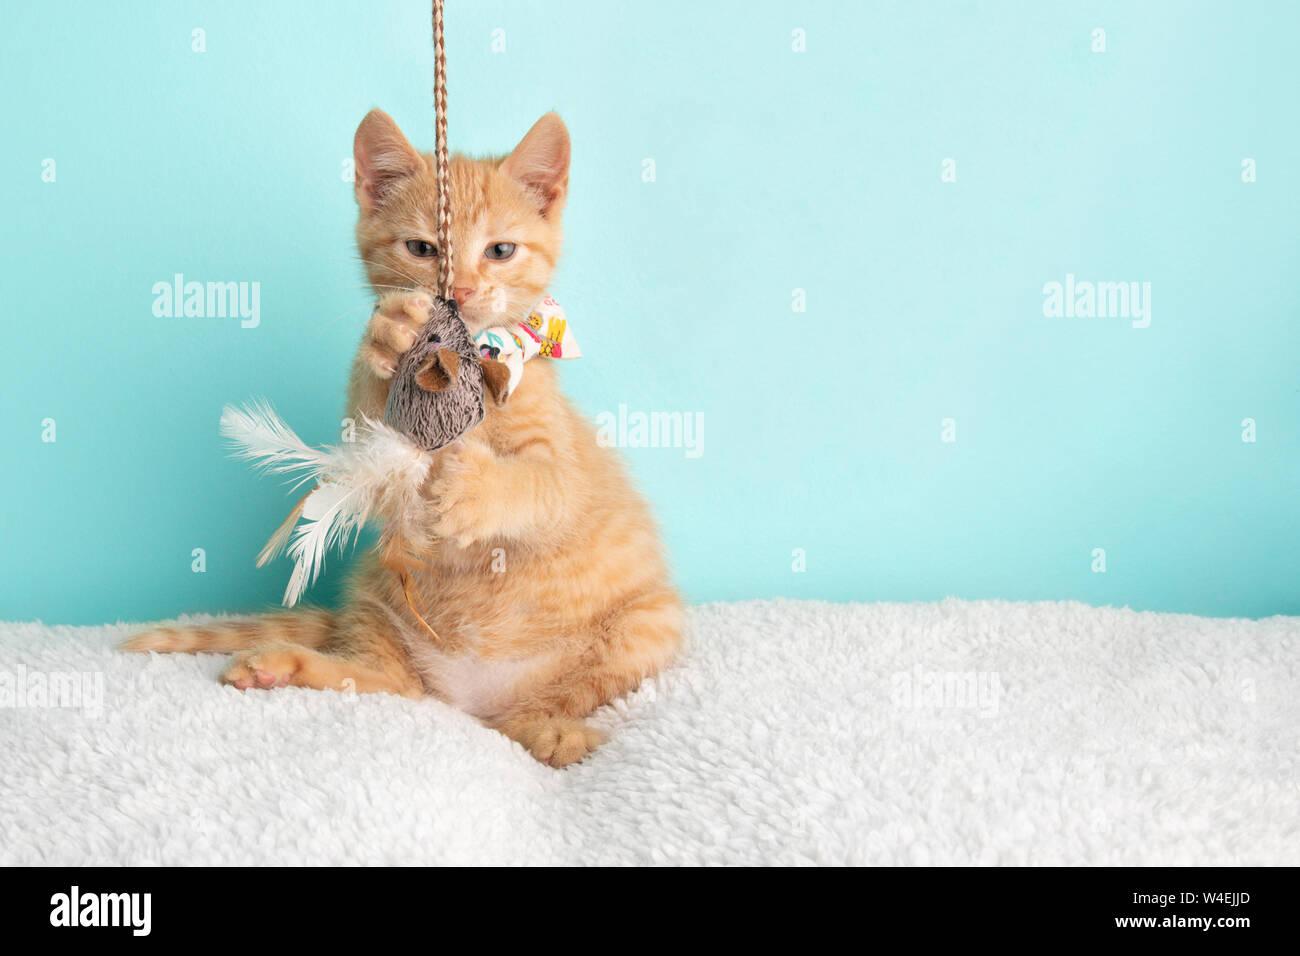 Lindo gatito gato atigrado naranja jóvenes vestidos de rescate Flor Blanca Pajarita divertido estar jugando con cadena y Mouse Toy sobre fondo azul. Foto de stock